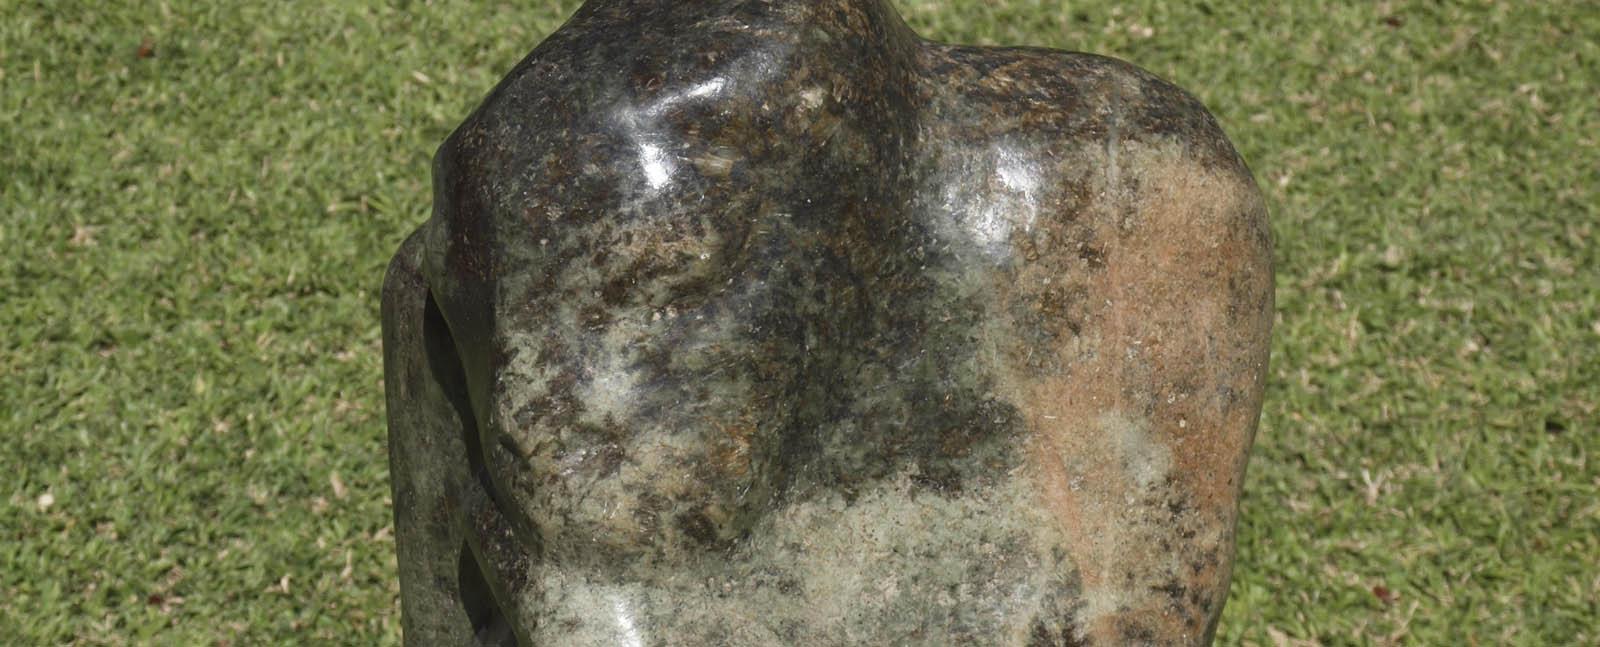 bernard takawira sculpture